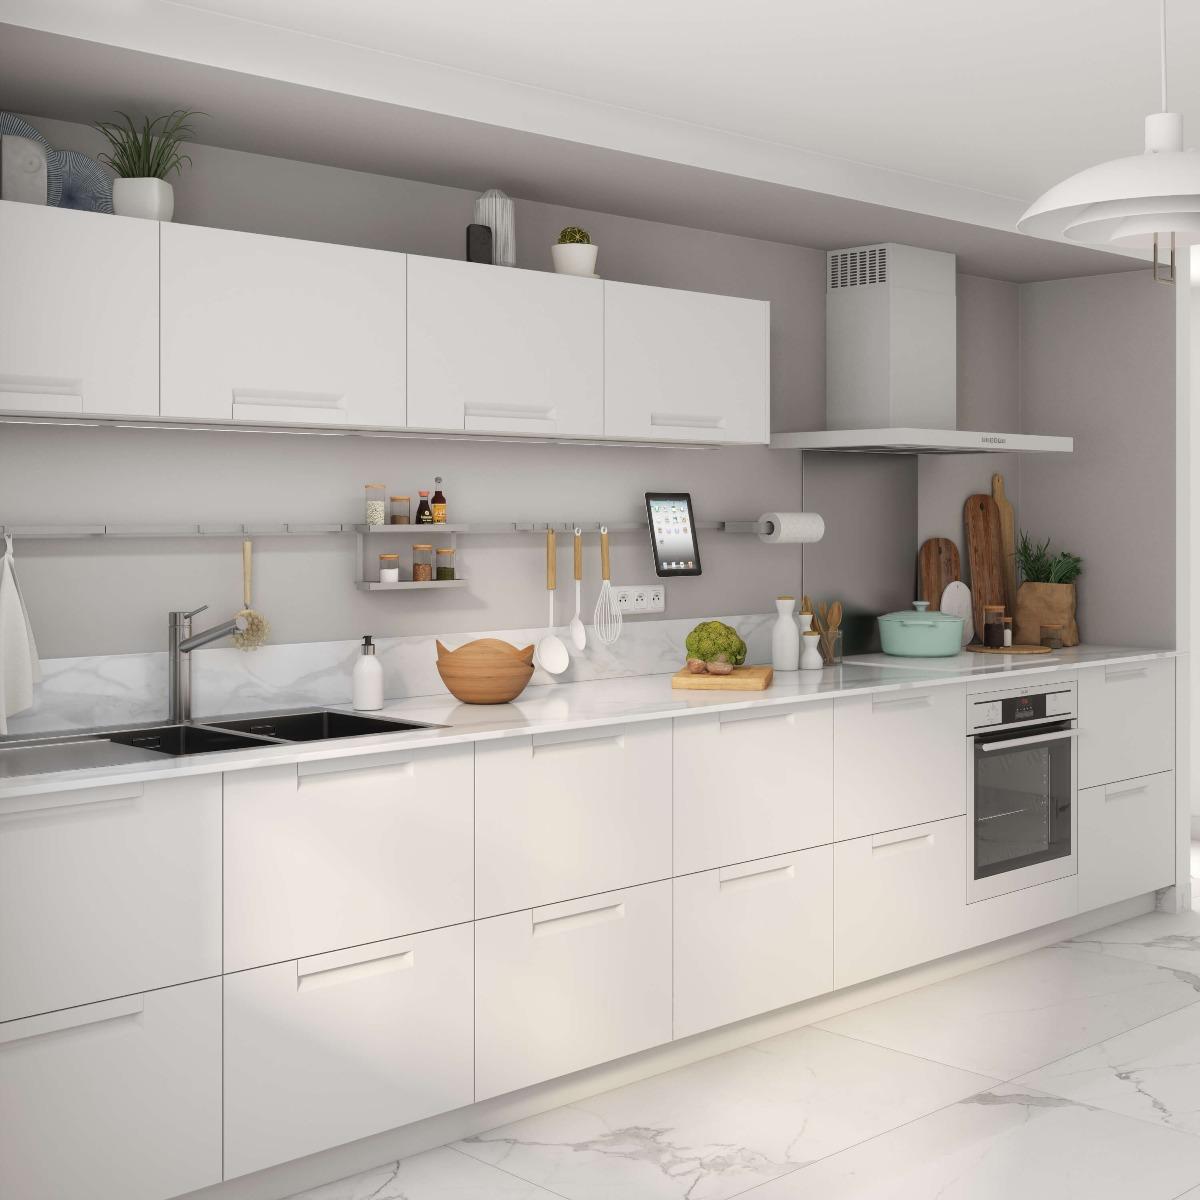 Delinia Evora White Designer Kitchen Mobi - Example 3